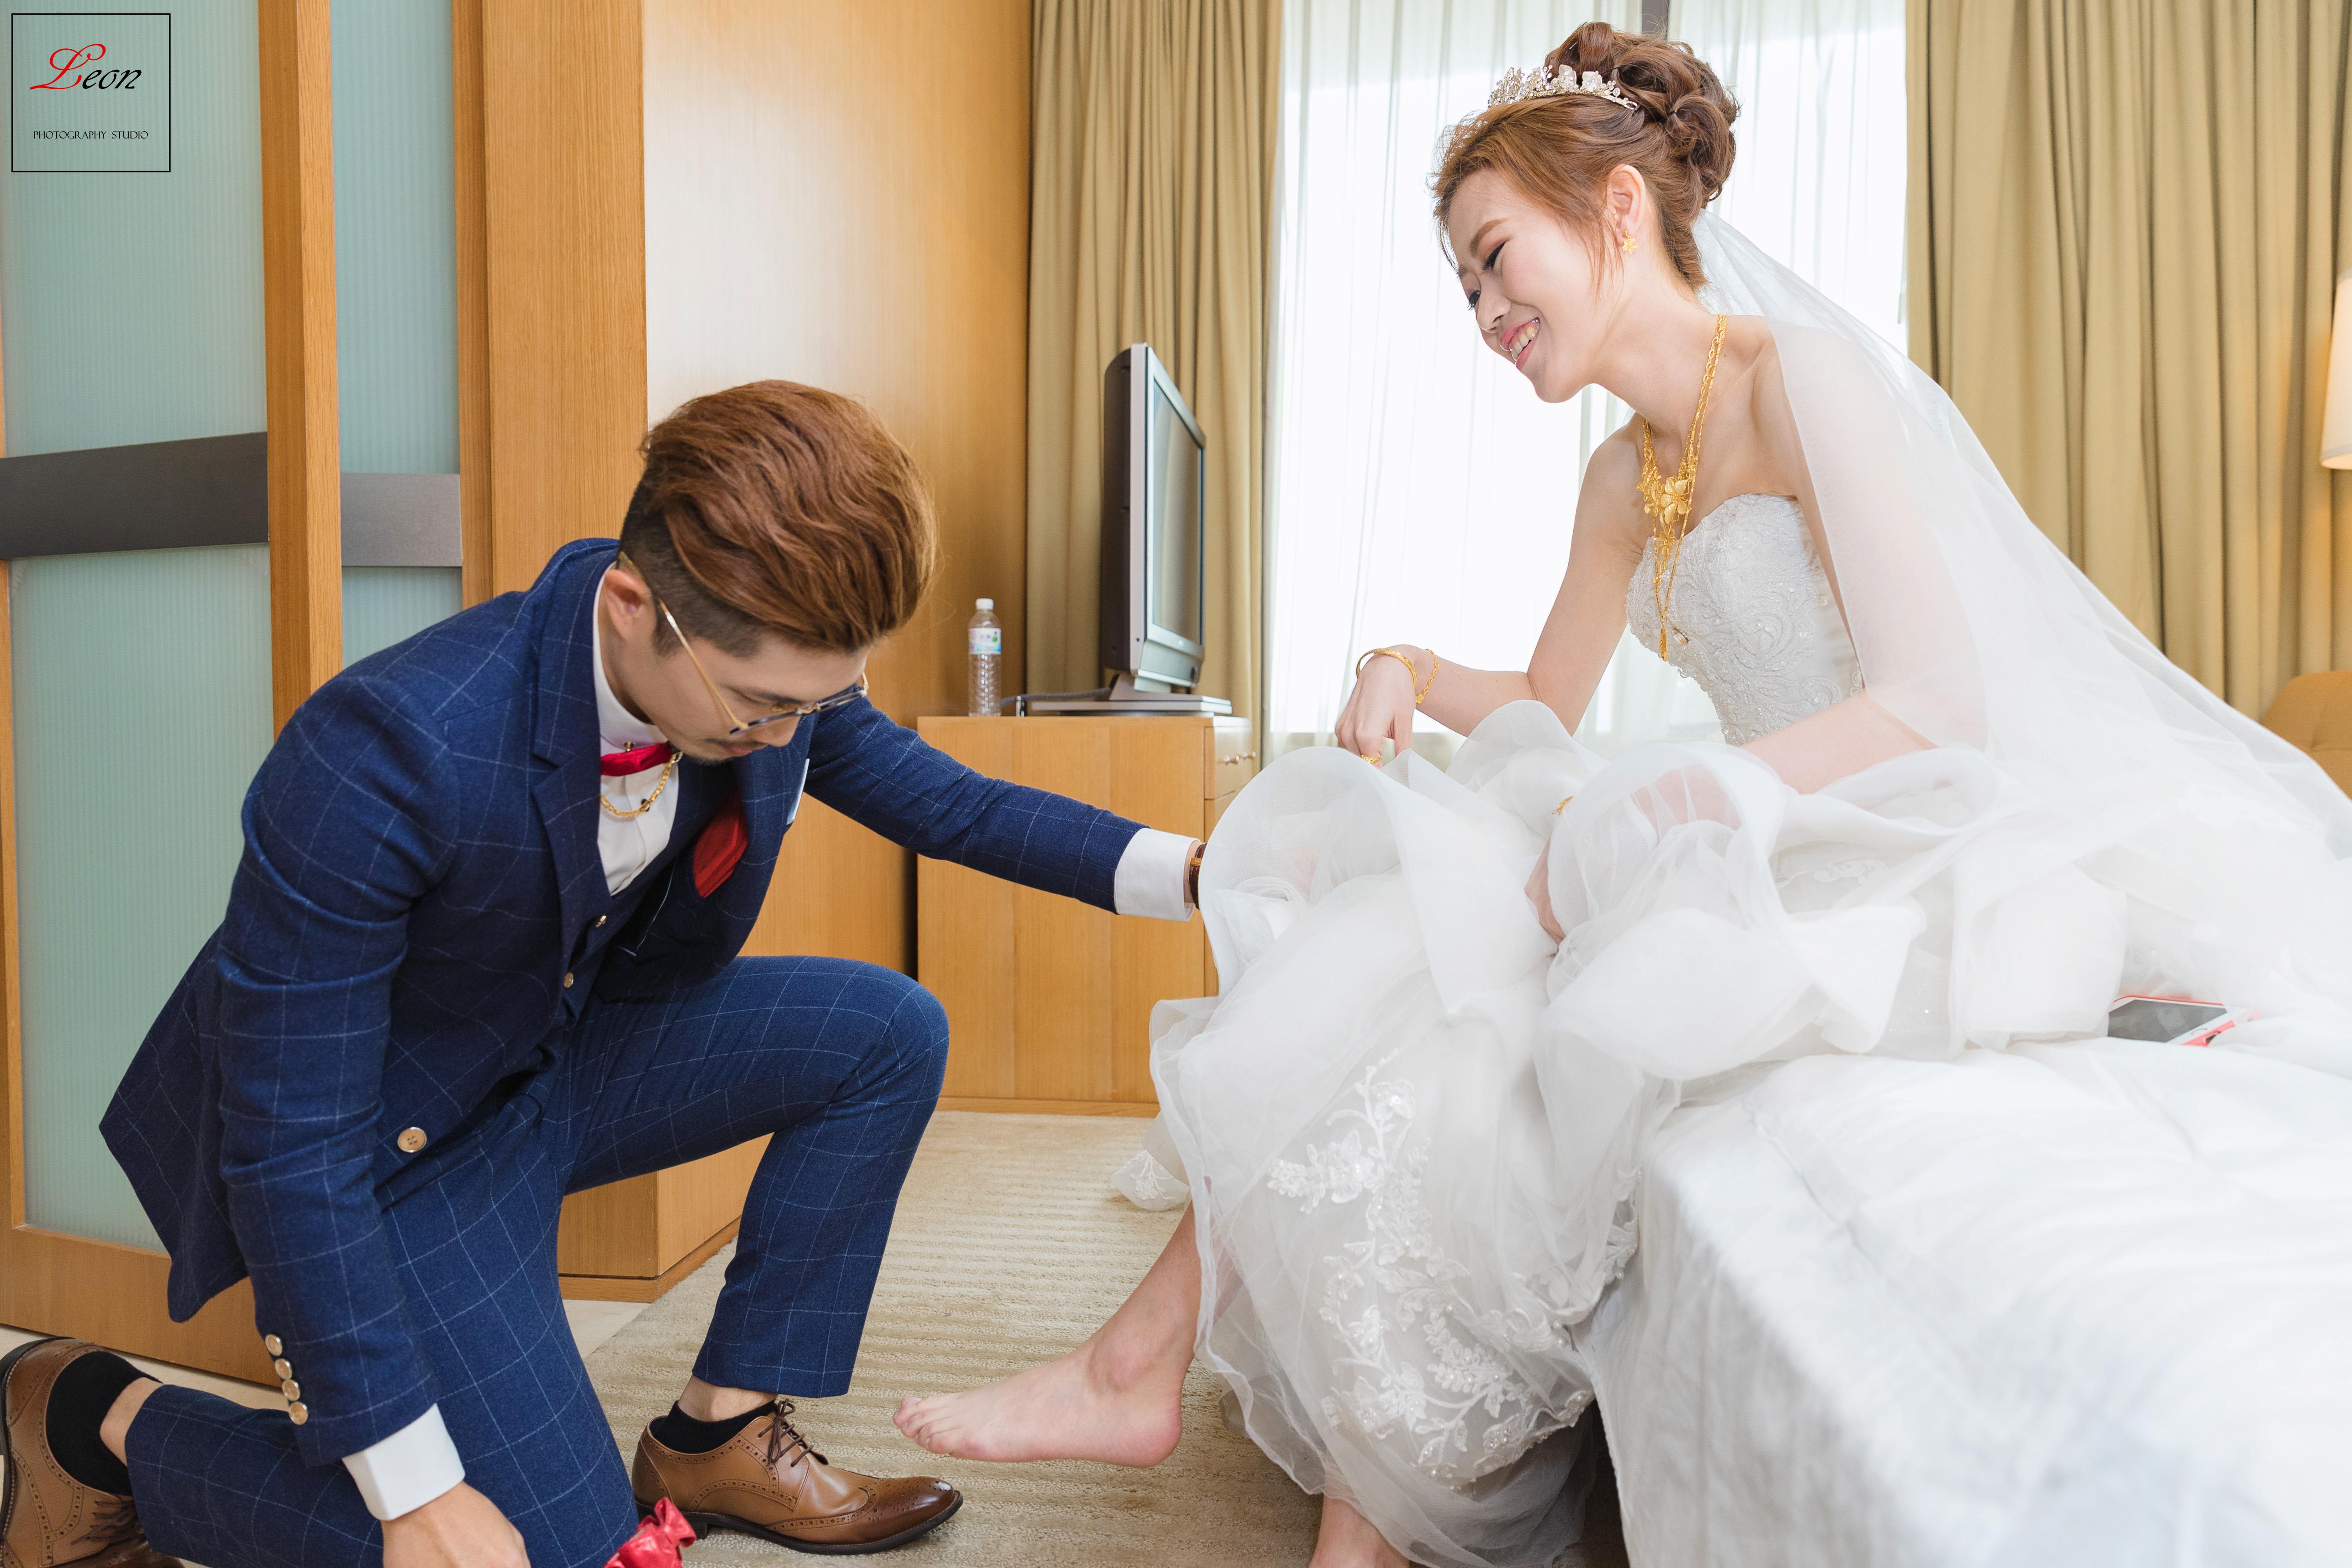 婚攝,婚禮紀錄,婚禮相關,新人相關